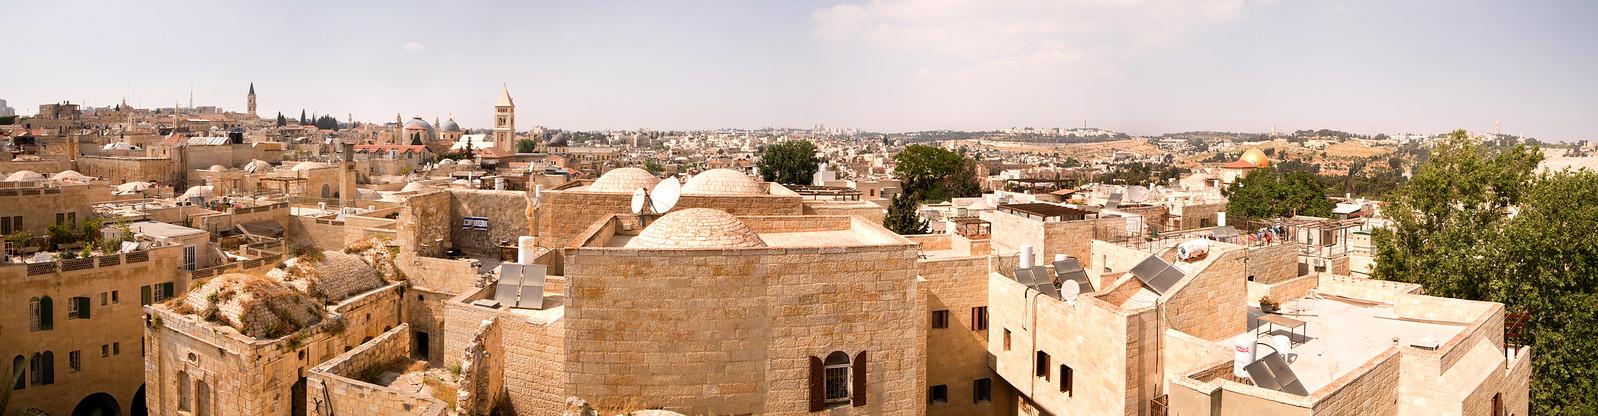 Jerusalem_ Panorama_2_Noam Chen_IMOT